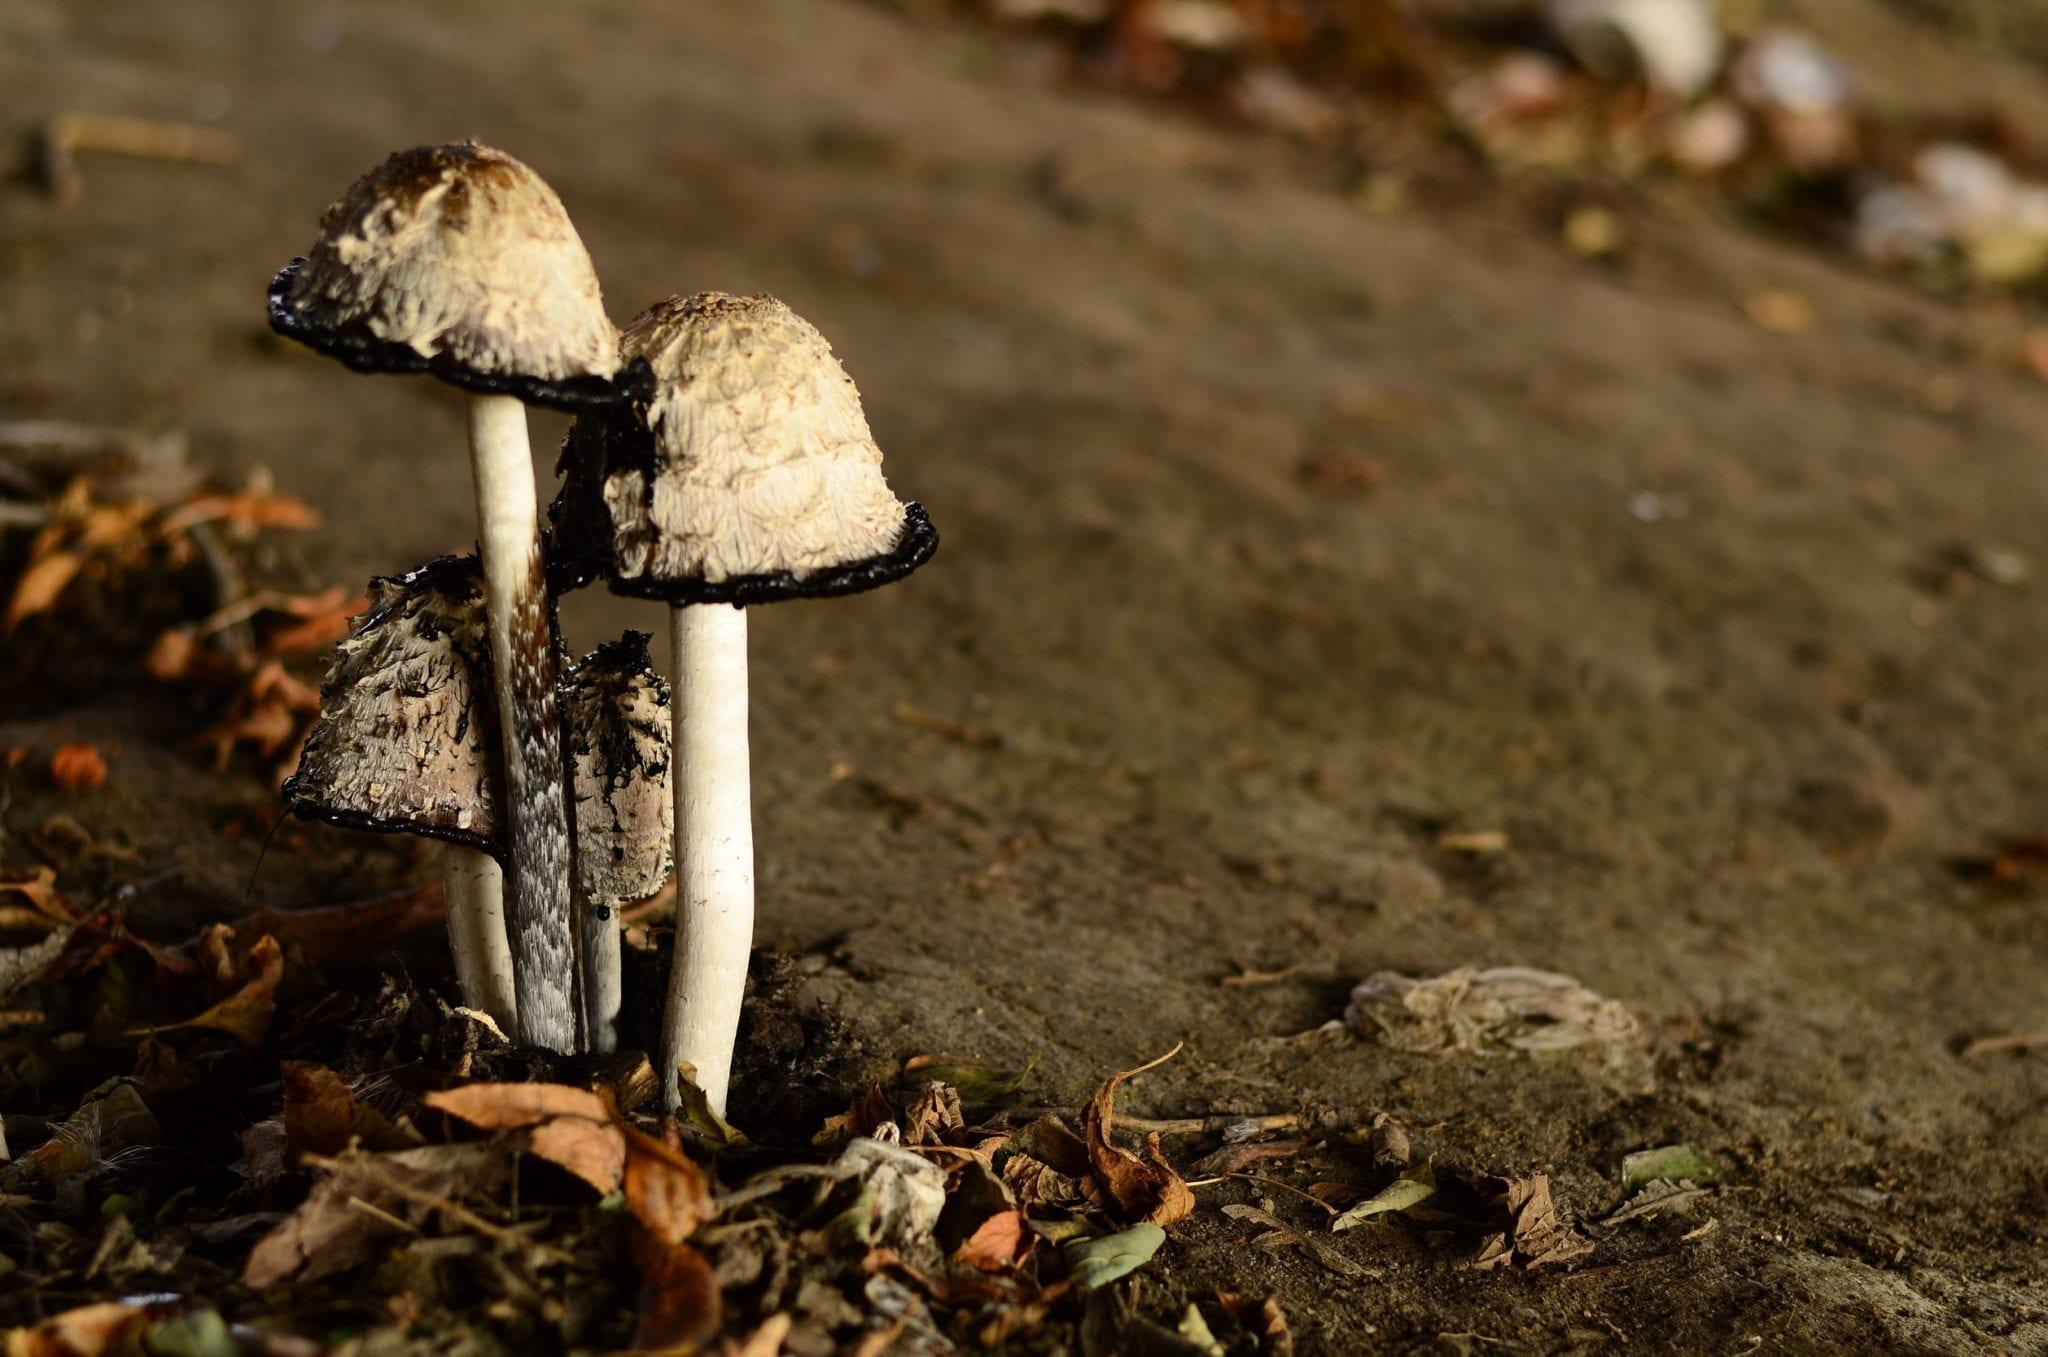 Food Poisoning | Mushroom Poisoning - familydoctor org